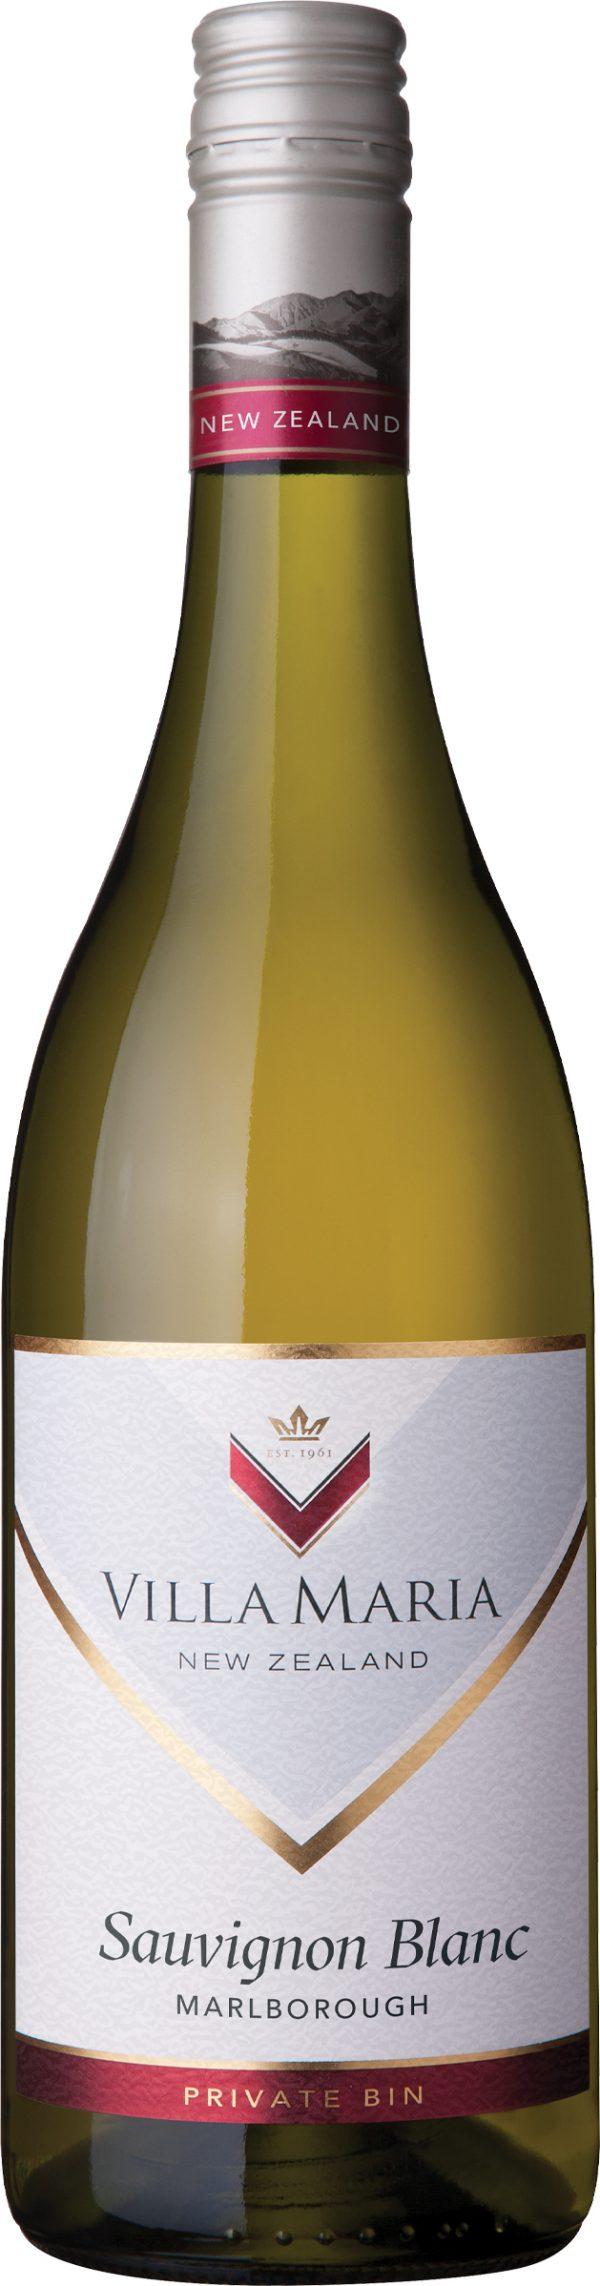 Villa Maria - Private Bin Sauvignon Blanc 2019 75cl Bottle